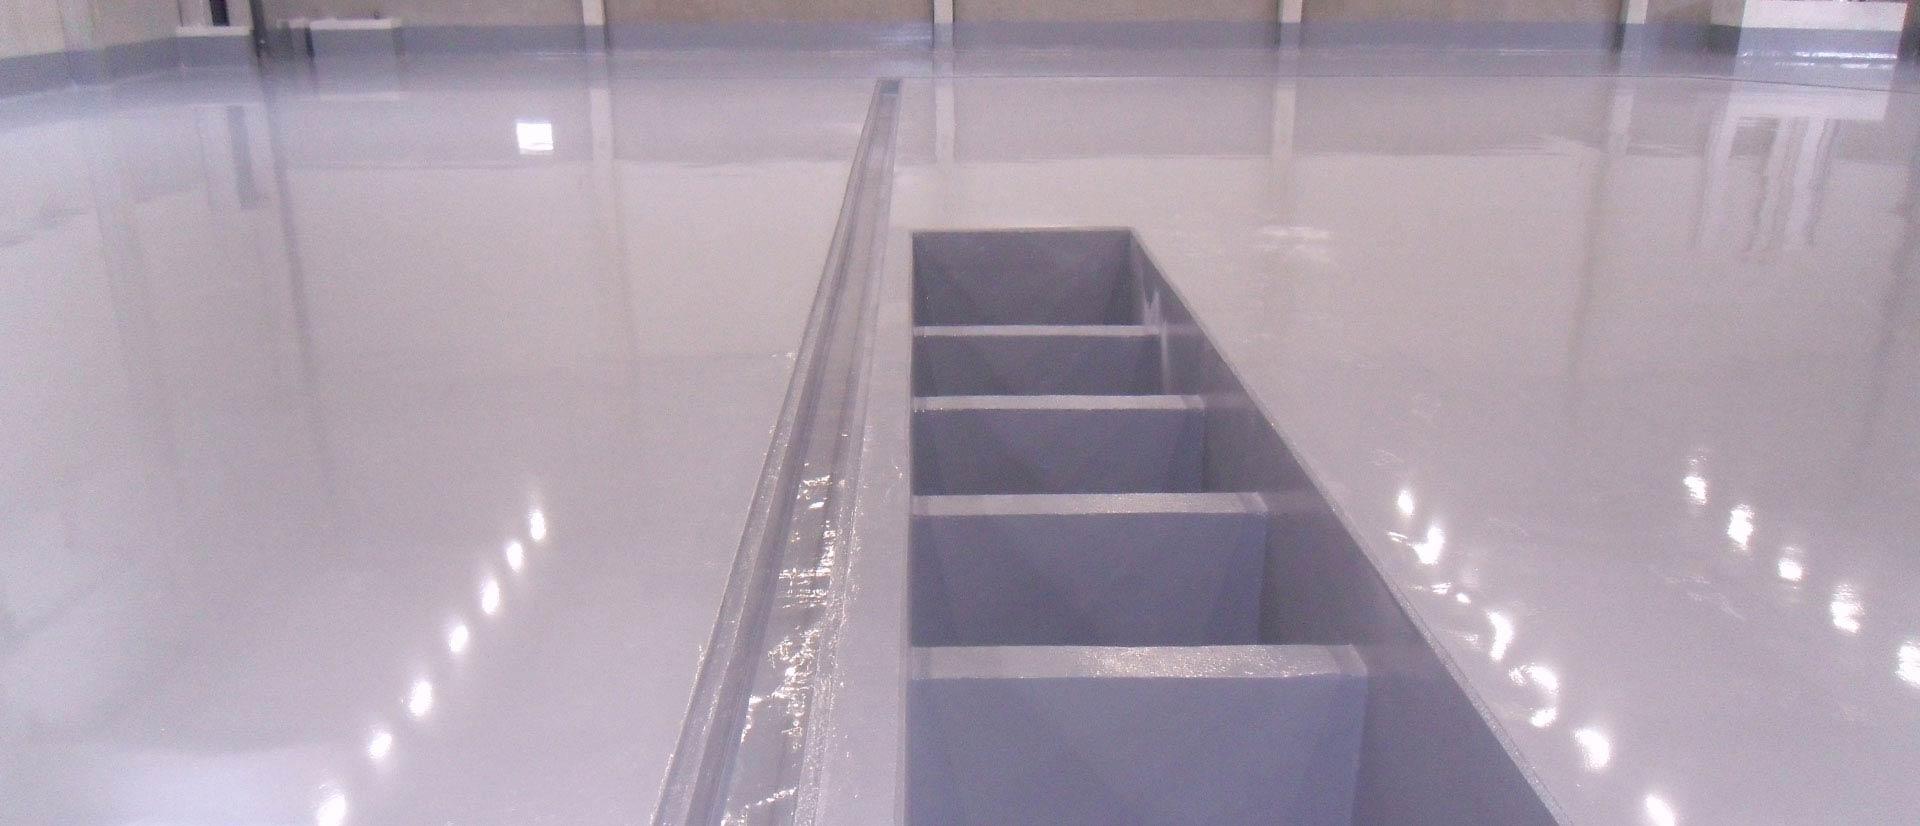 cr ation et pr paration de sols industriels pr s de lyon. Black Bedroom Furniture Sets. Home Design Ideas